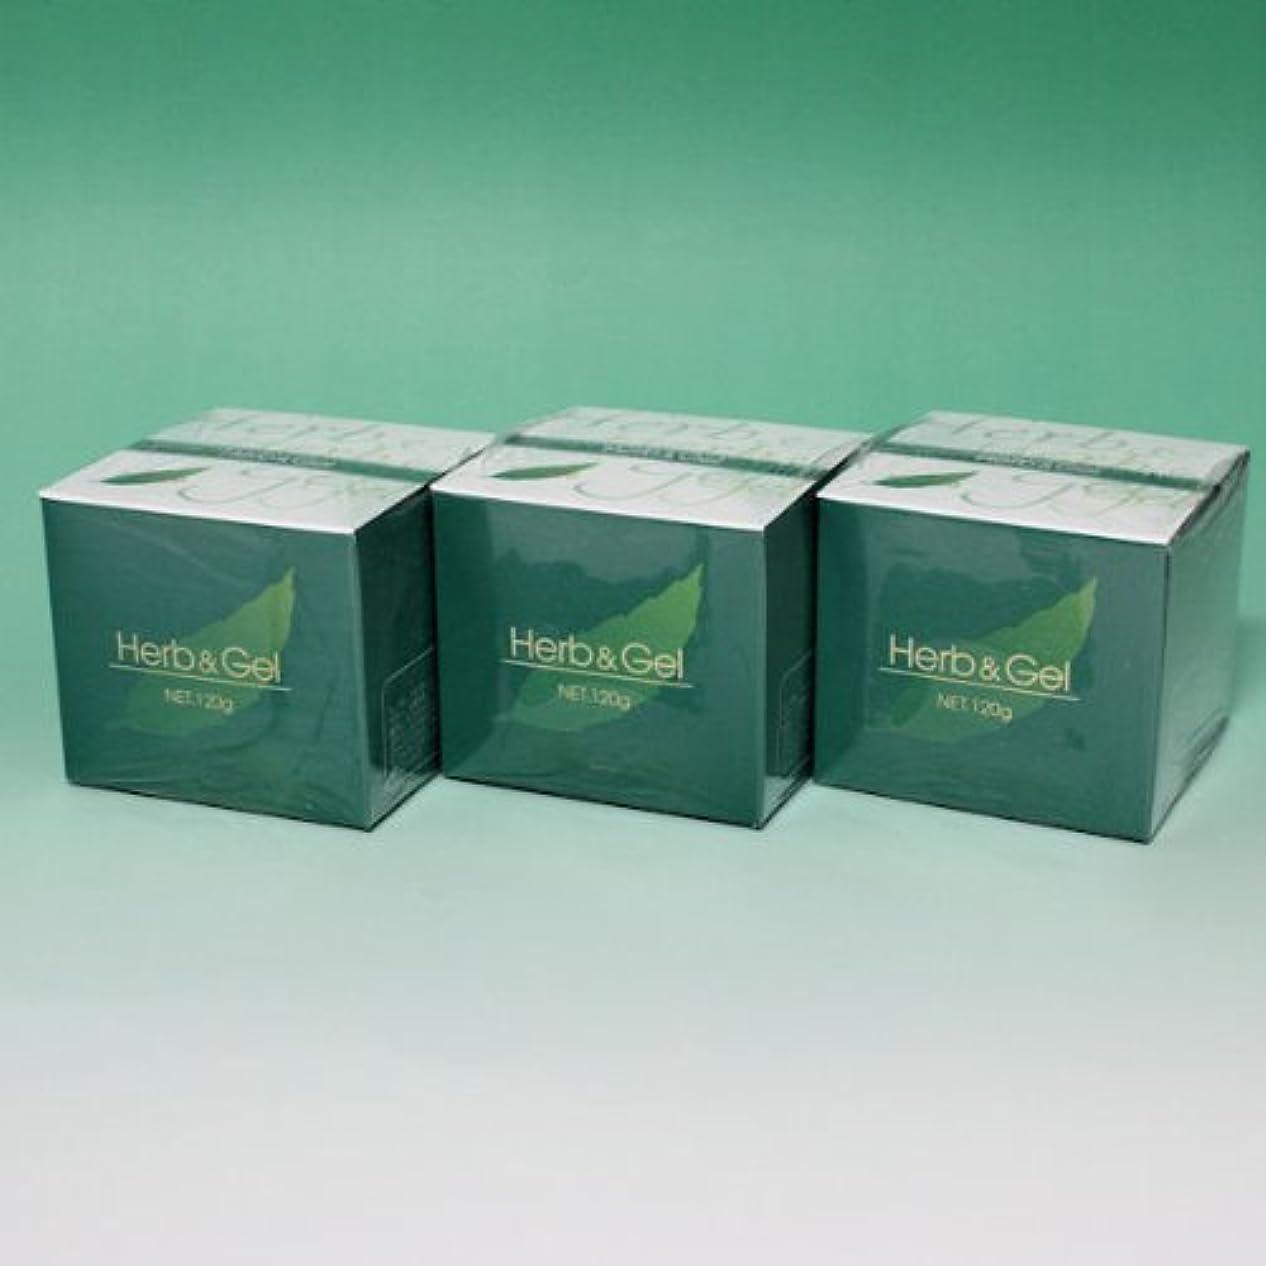 カウンターパート準拠教義ハーブアンドゲル 天然ハーブエキス配合 120g×3瓶セット (4580109490026)